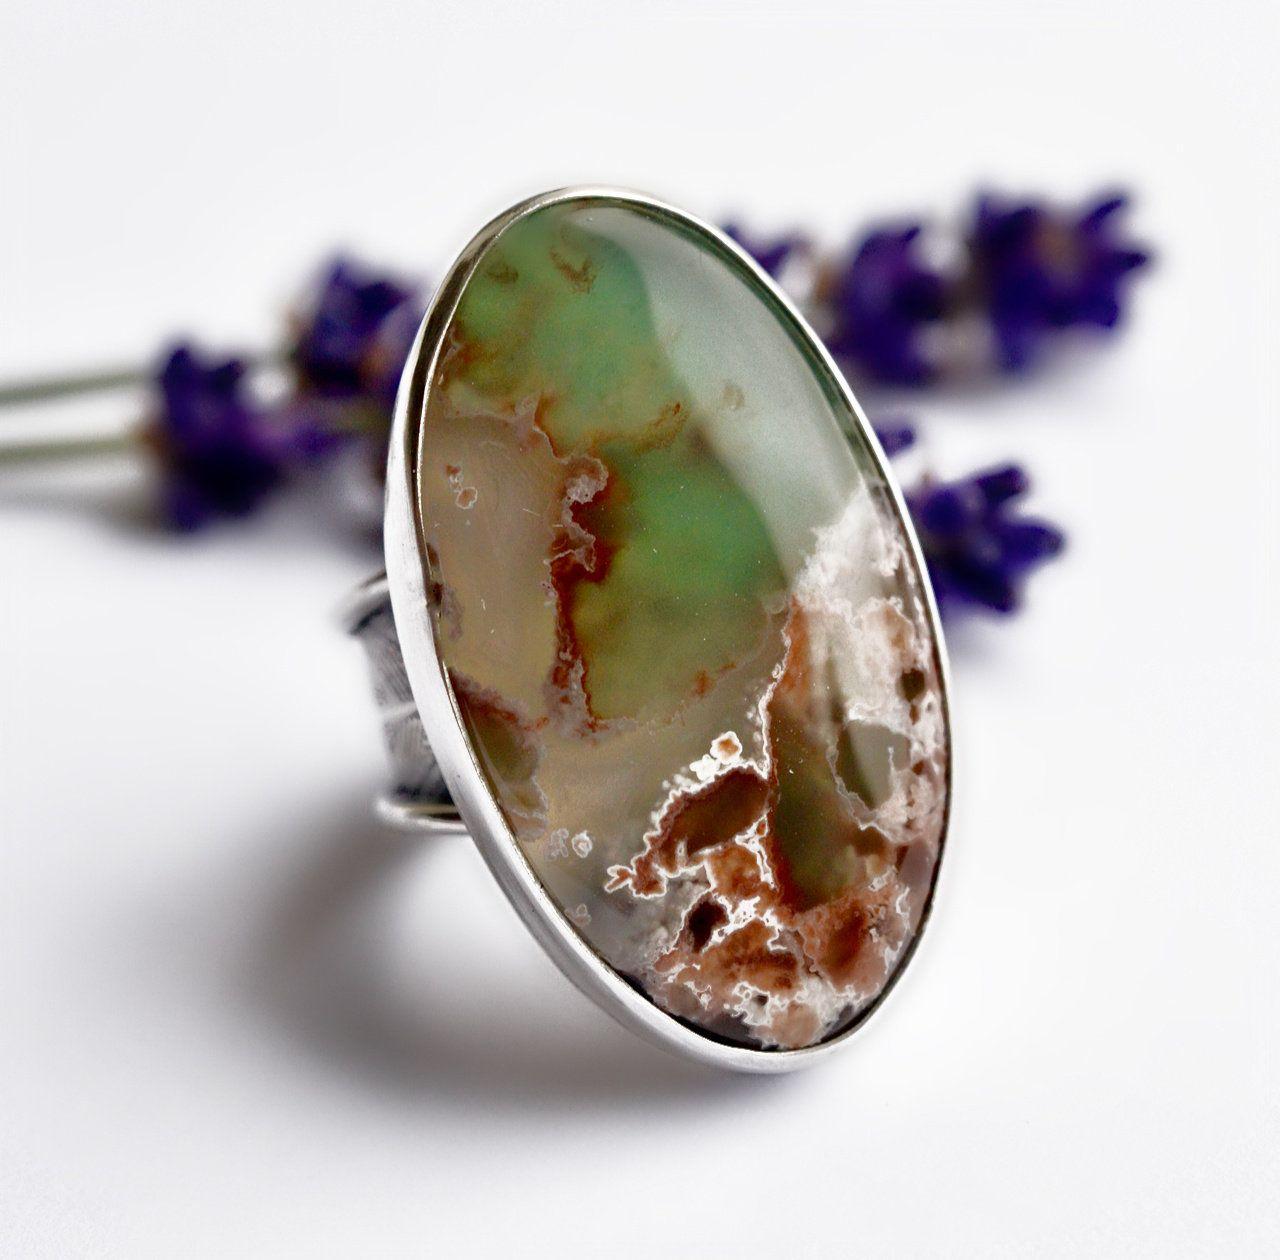 Everyday Ring Ocean Jasper Rings Green OOAK One of a Kind Yellow Artisan Sterling Silver Ocean Jasper Ring Gemstone Ring